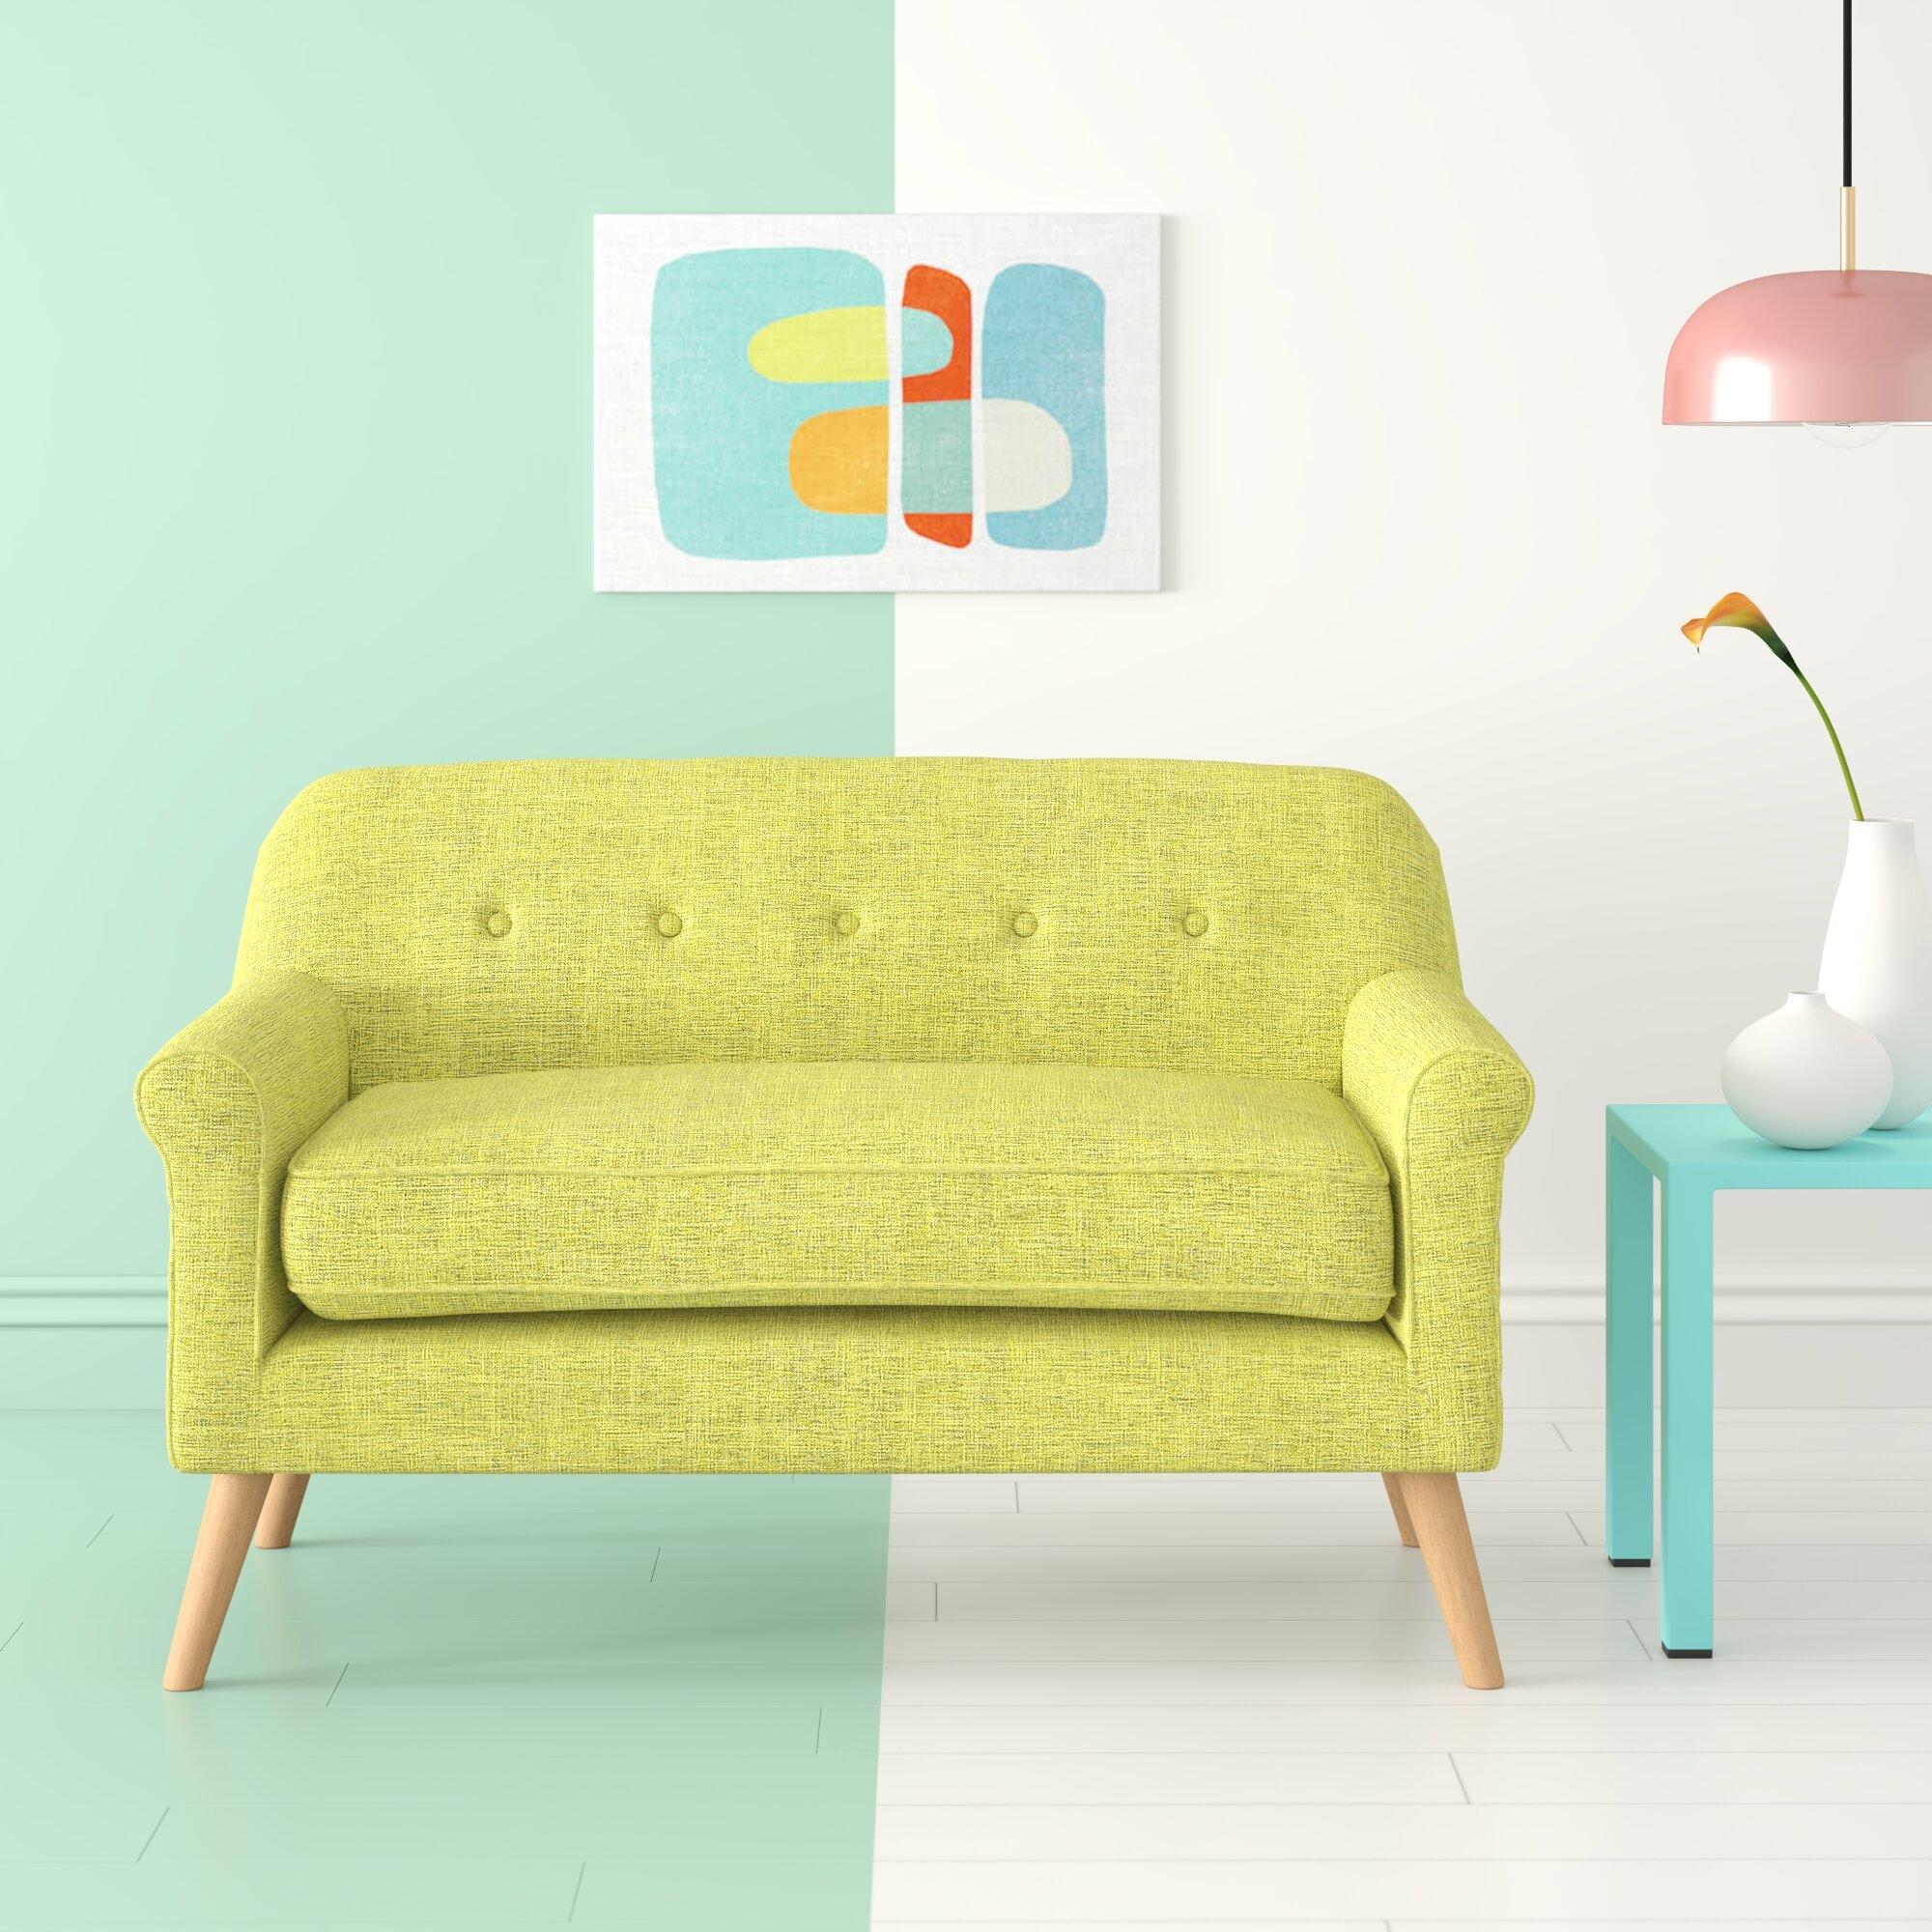 Mid Century Modern Sofa Ideas On Foter